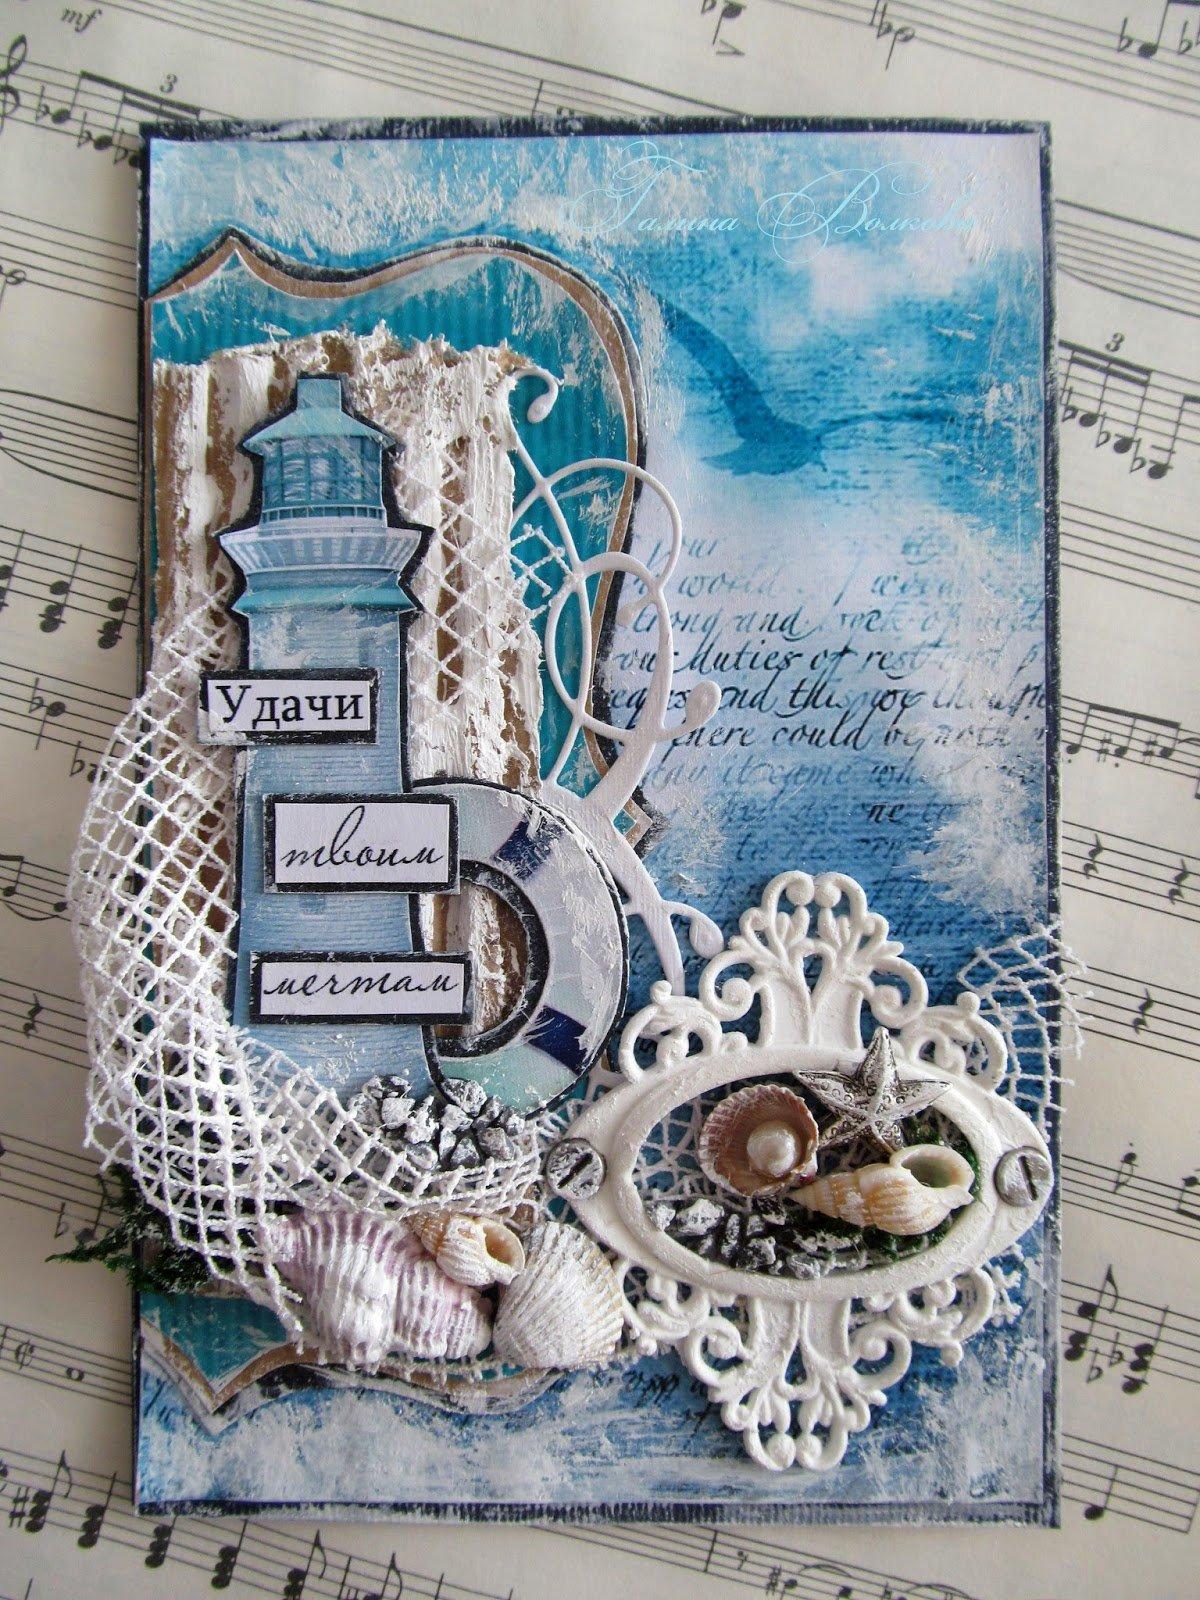 Скрап открытка в морском стиле, тему читать